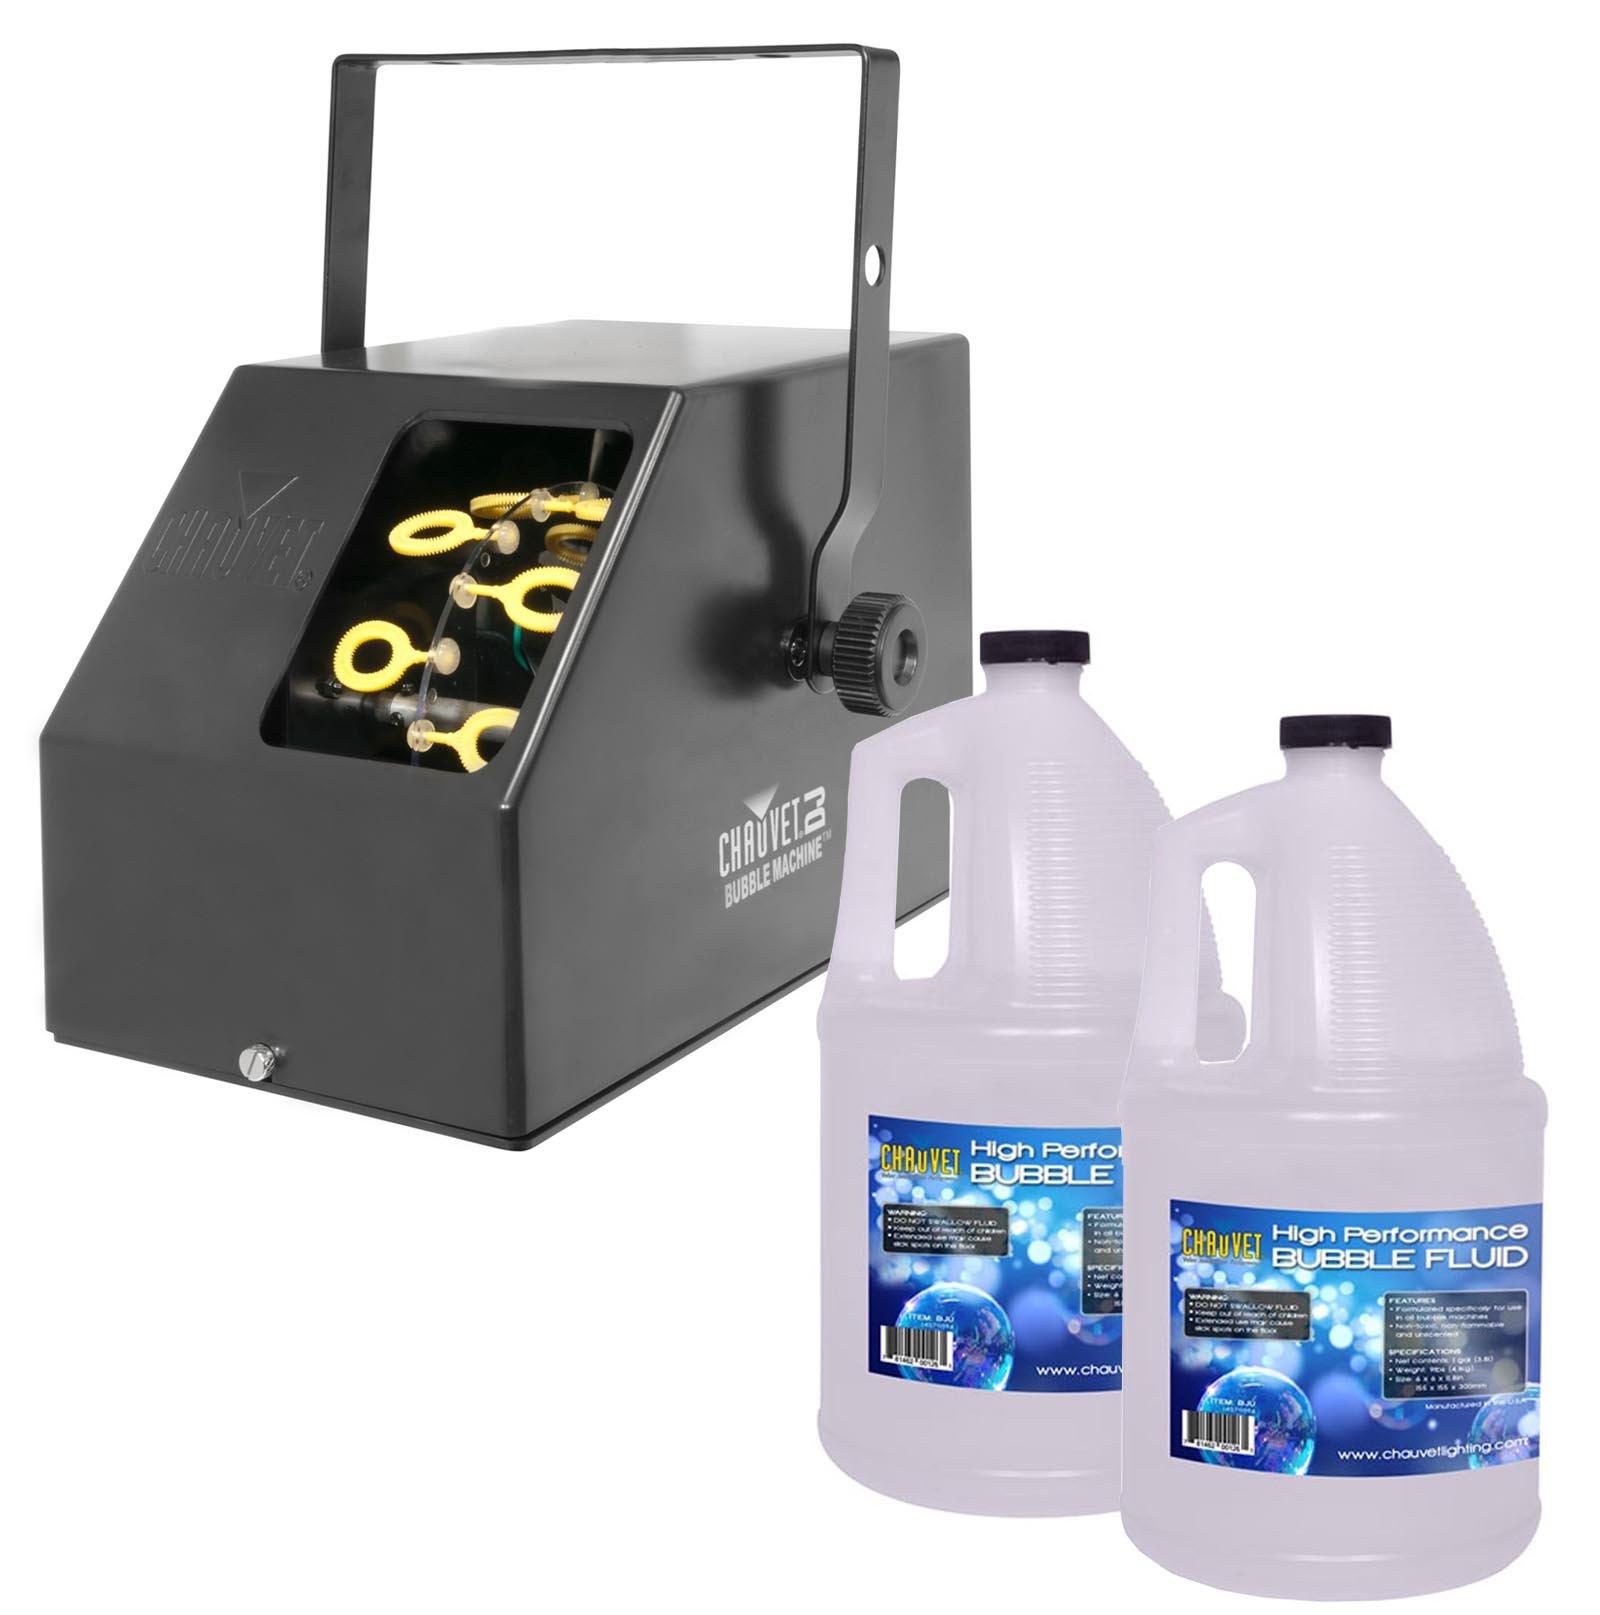 CHAUVET DJ B-250 Compact Bubble Machine Effect + 2 Gallons BJU Bubble Fluid